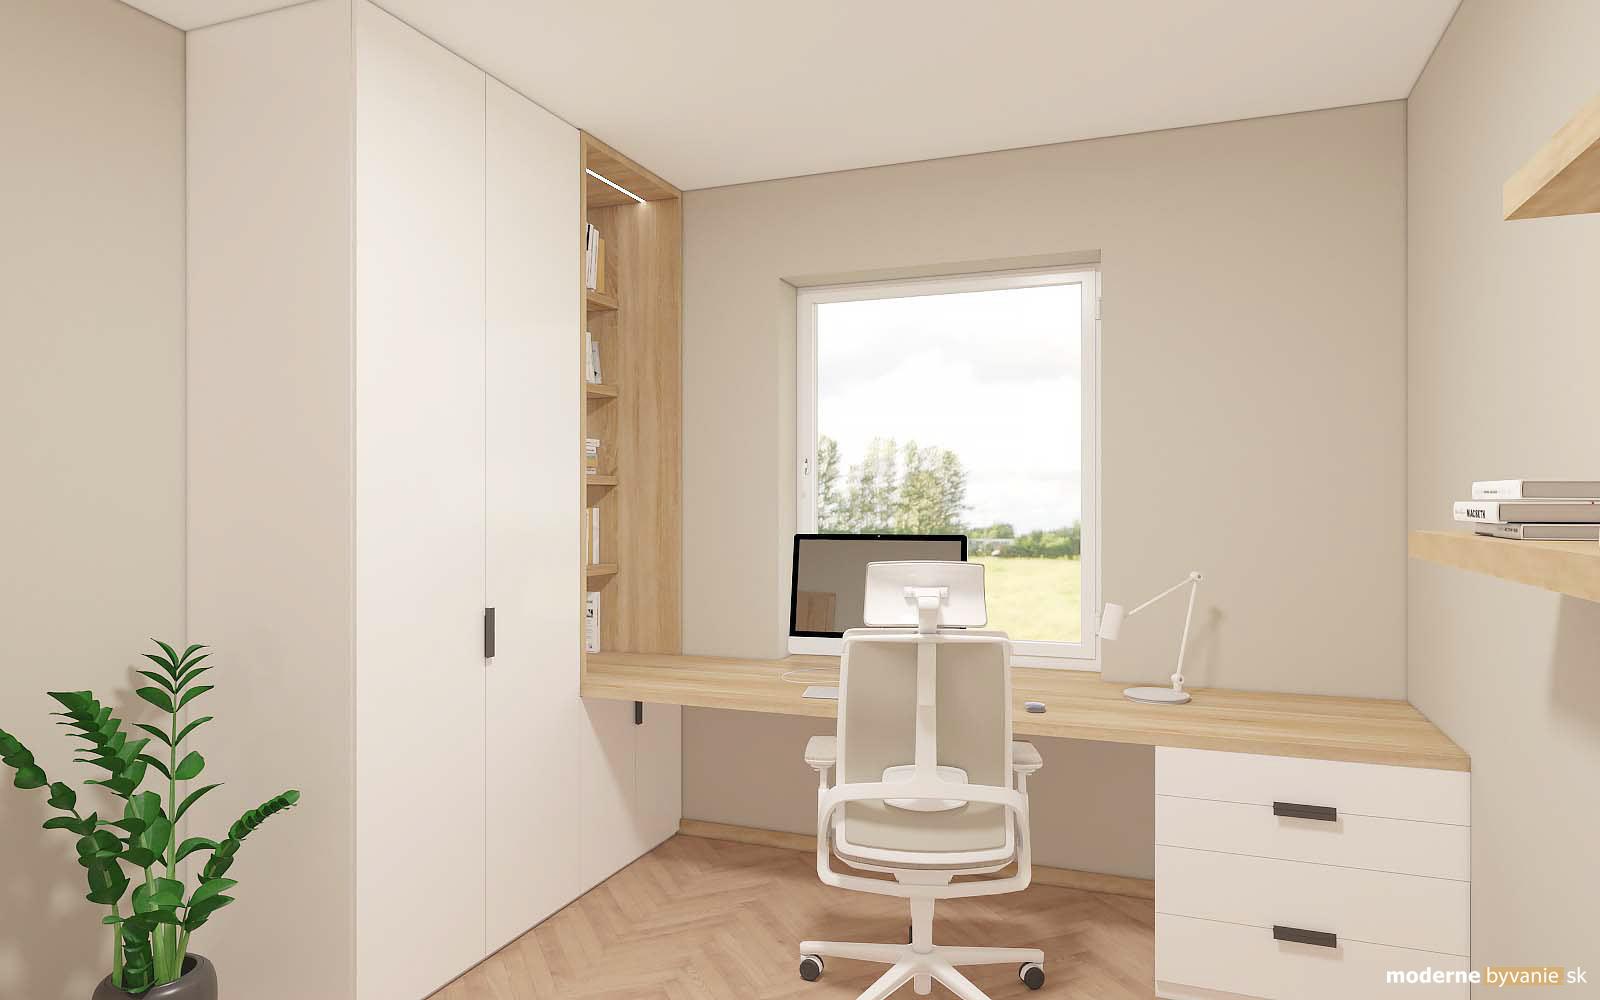 Návrh interiéru-Pracovňa-Návrh interiéru domu v Cíferi